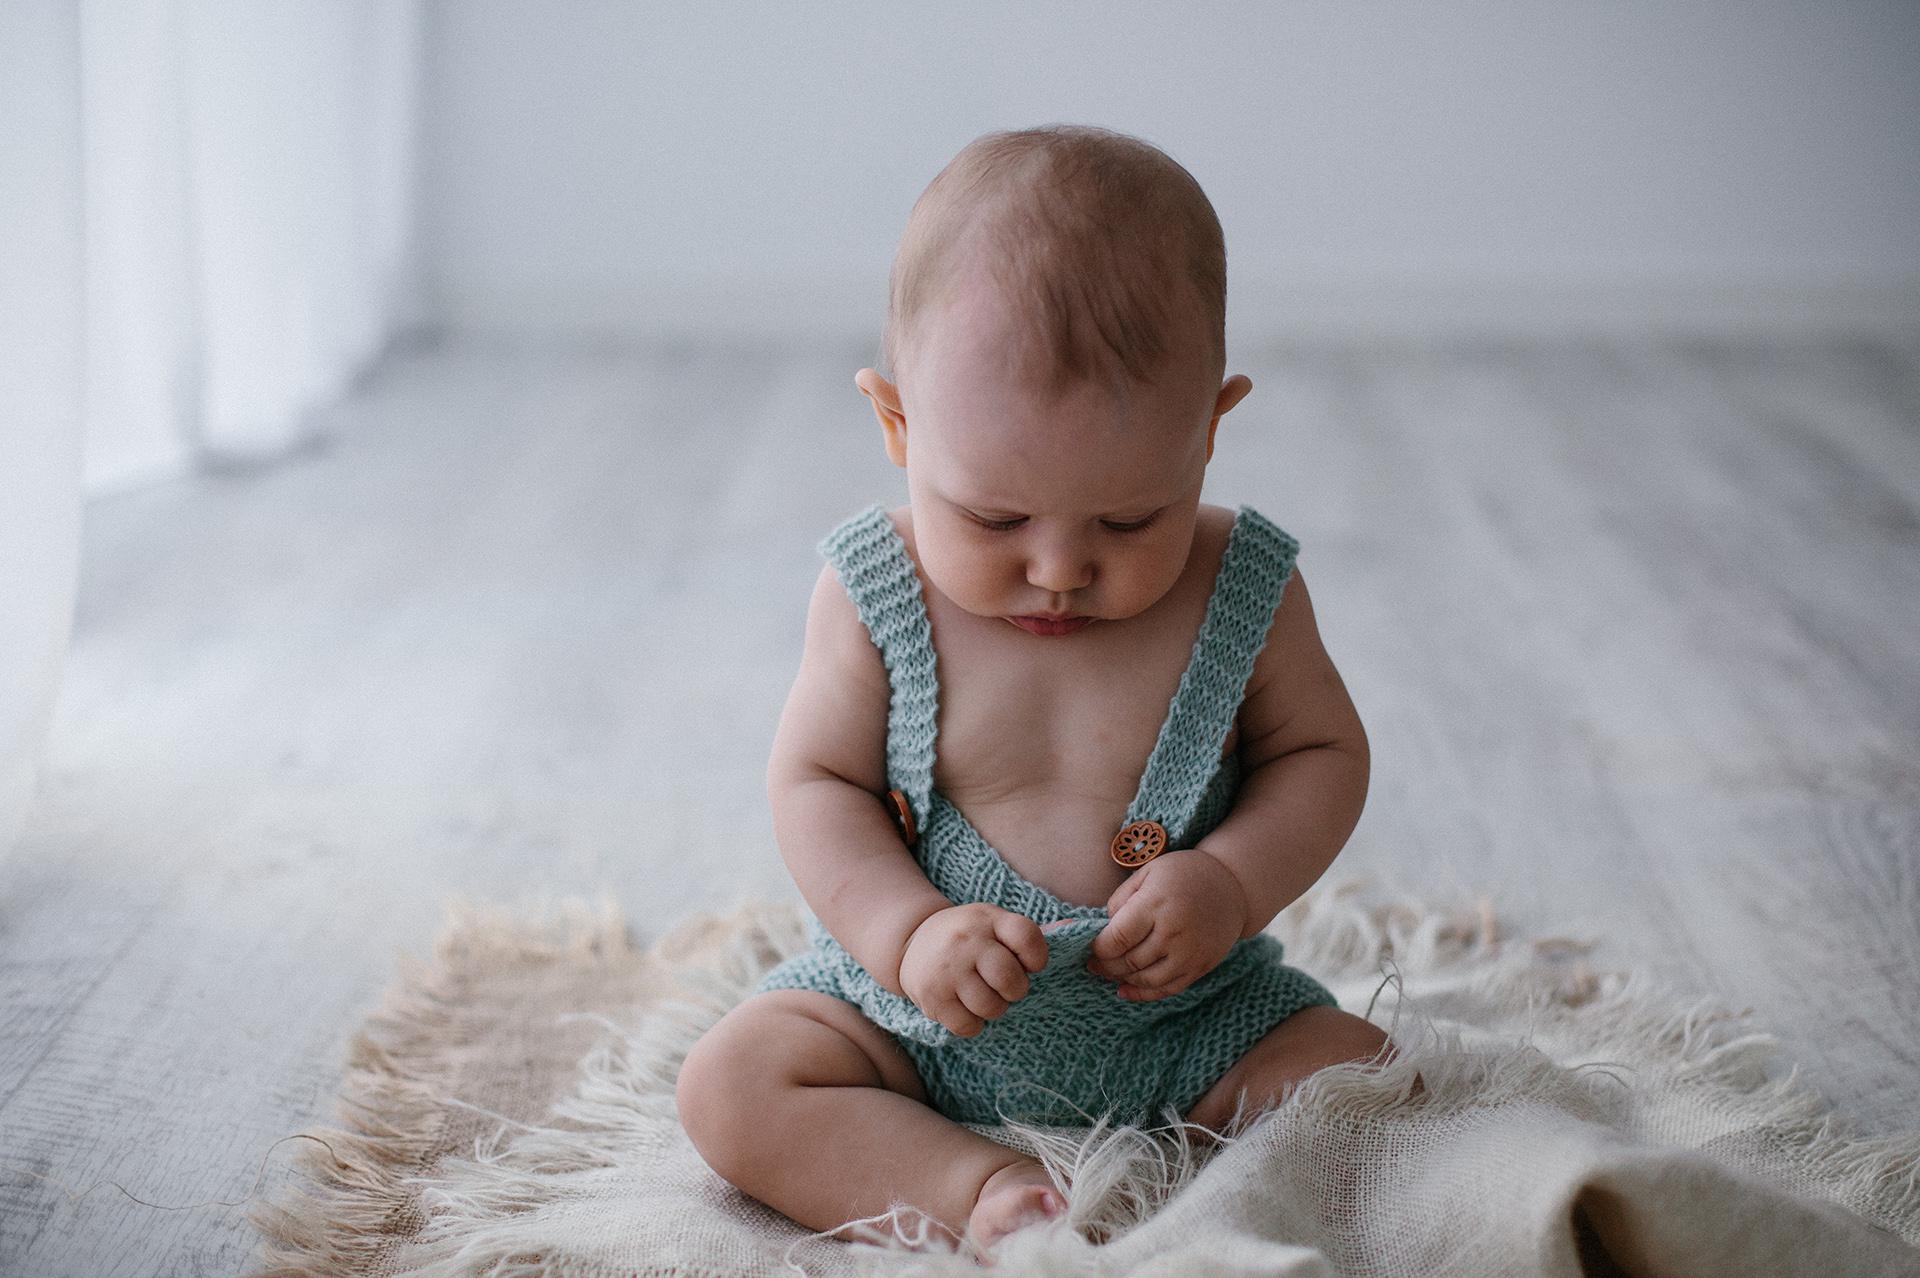 bebè con vestitino verde